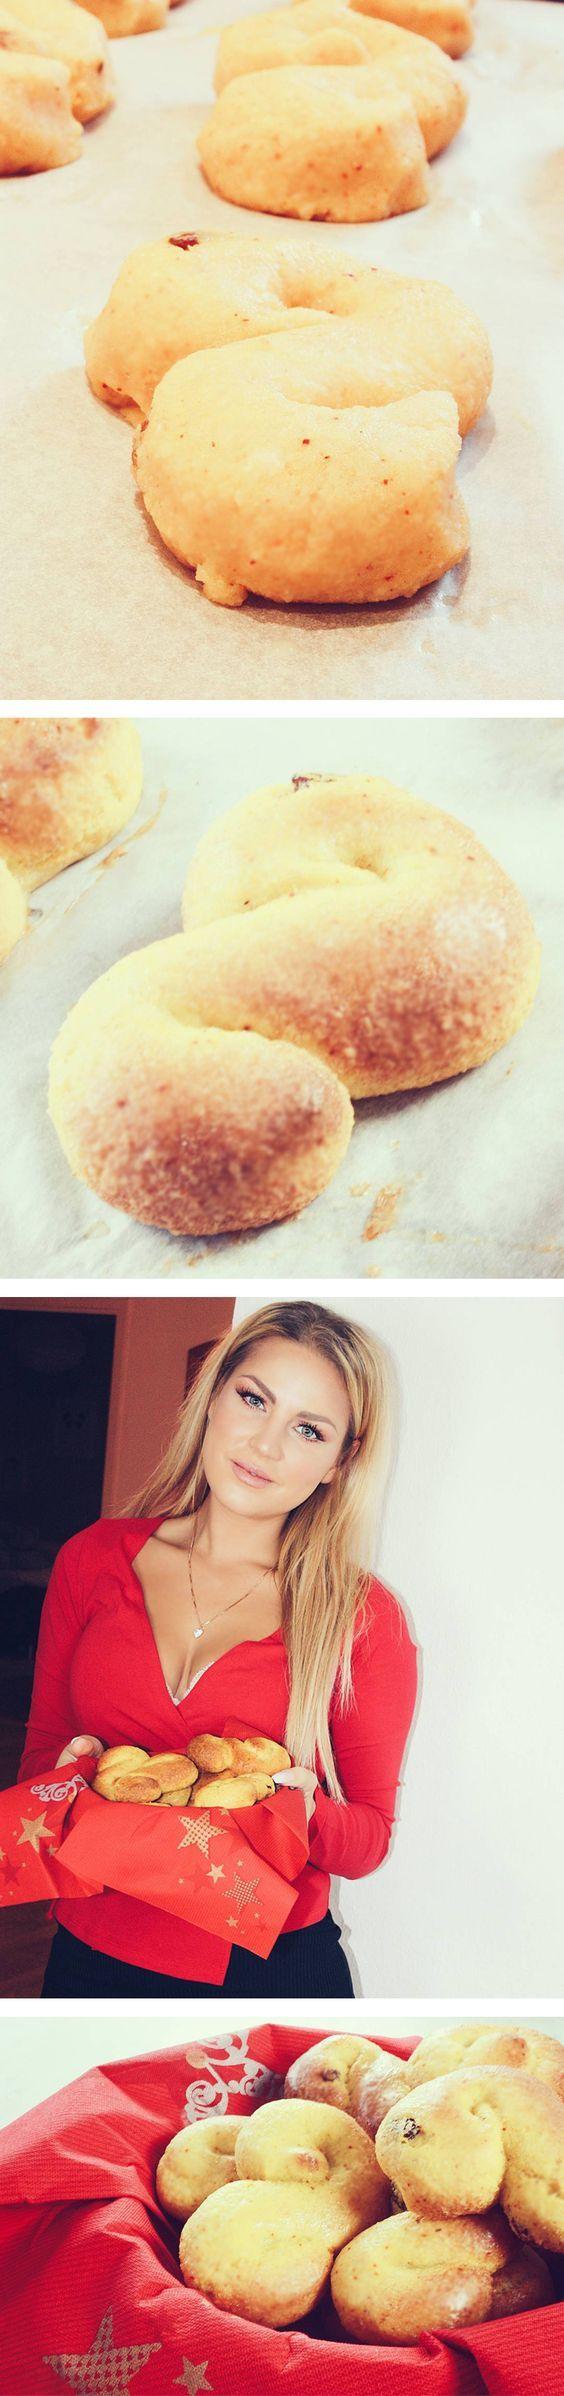 Lussekatter utan vetemjöl, socker och smör. #glutenfri #sockerfri #mjölkfri #utansmör #lussekatter #saffransbullar #recipe #recept #sweden #swedishchristmas #vegan #advent